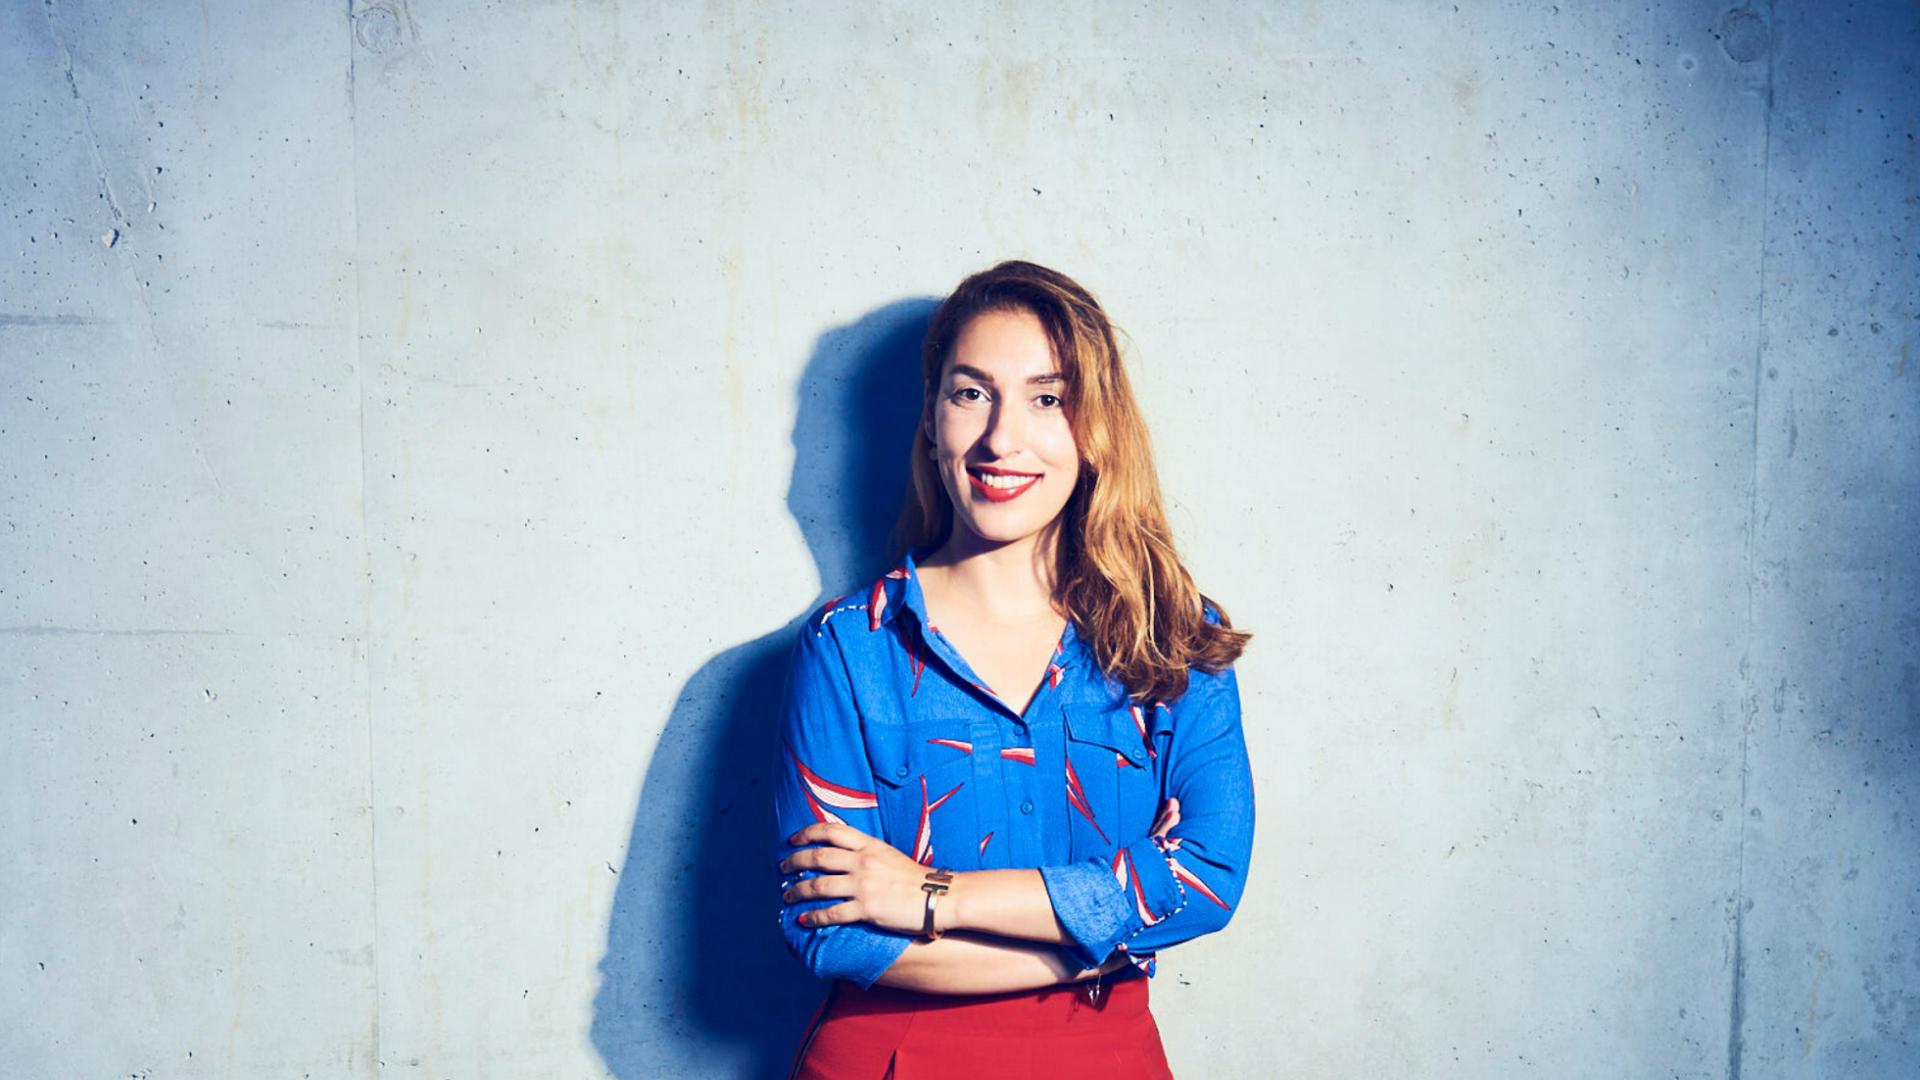 lächelnde dunkelhaarige Frau mit blauem Oberteil und roter Hose vor weißer Wand